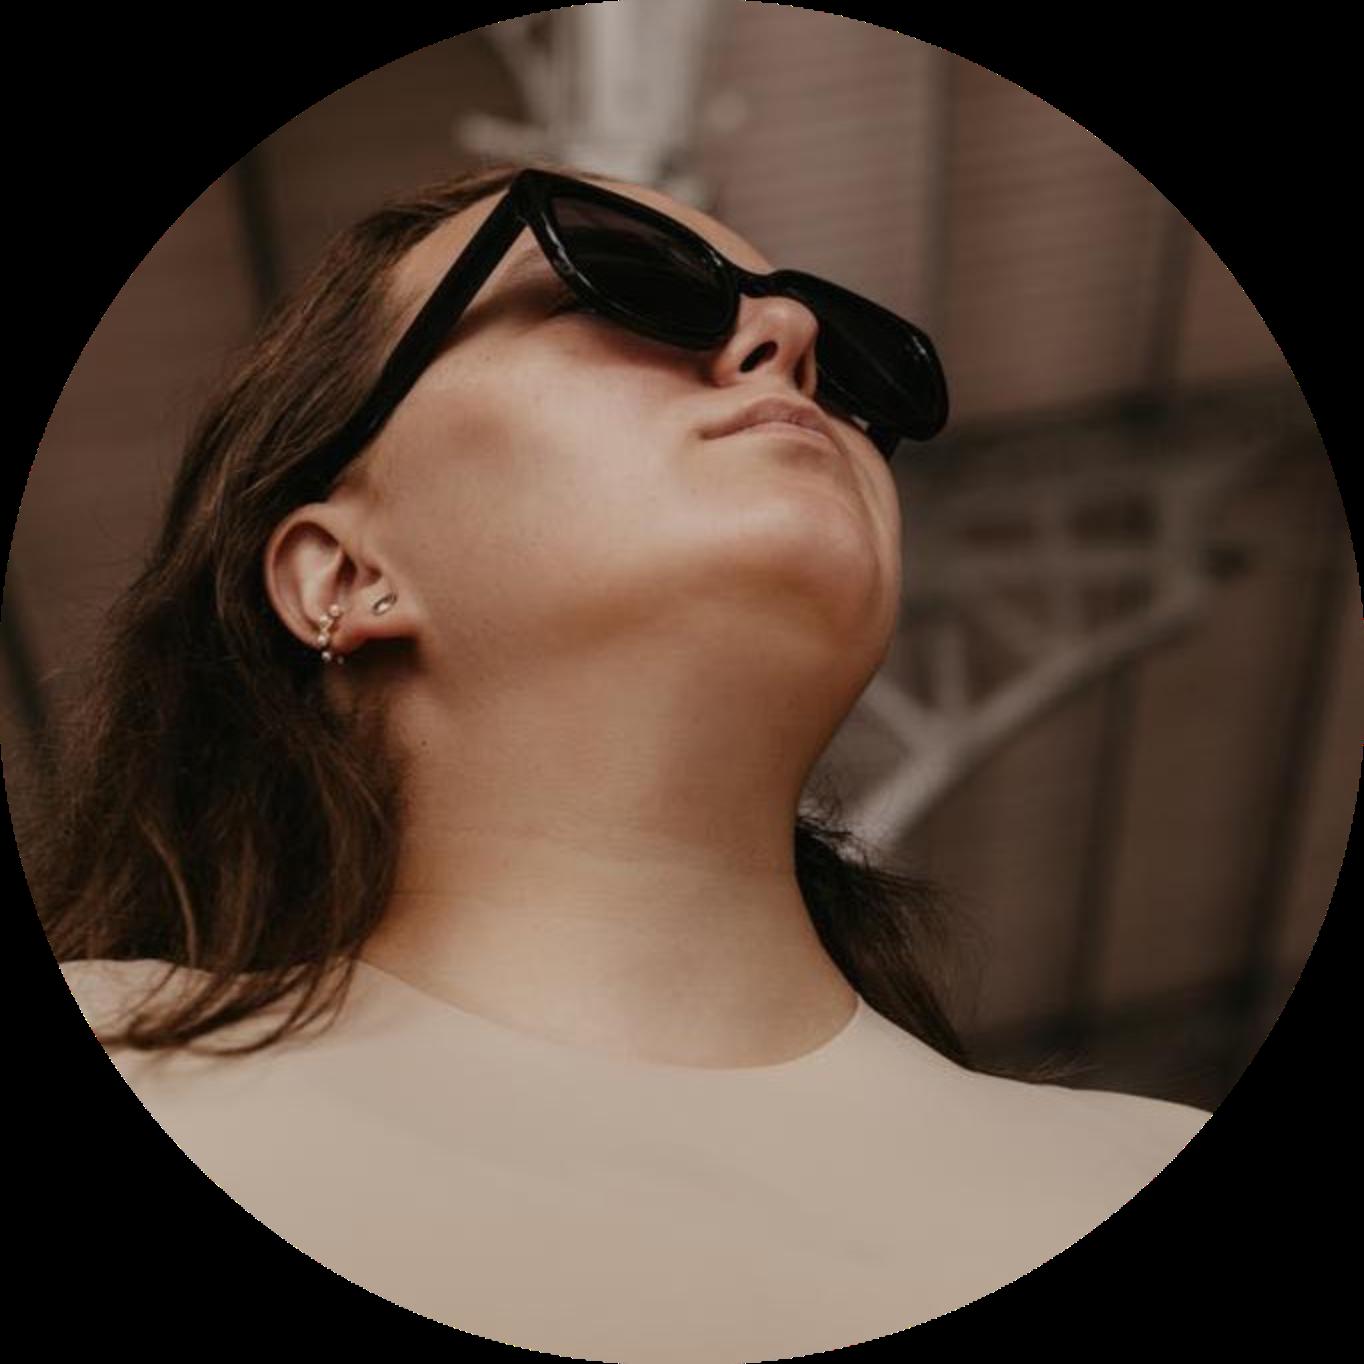 Итоги Недели высокой моды в Париже. Часть 1: Schiaparelli, Tony Ward, Andrea Brocca, Alexis Mabille, Julien Fournie, Iris Van Herpen-Фото 1